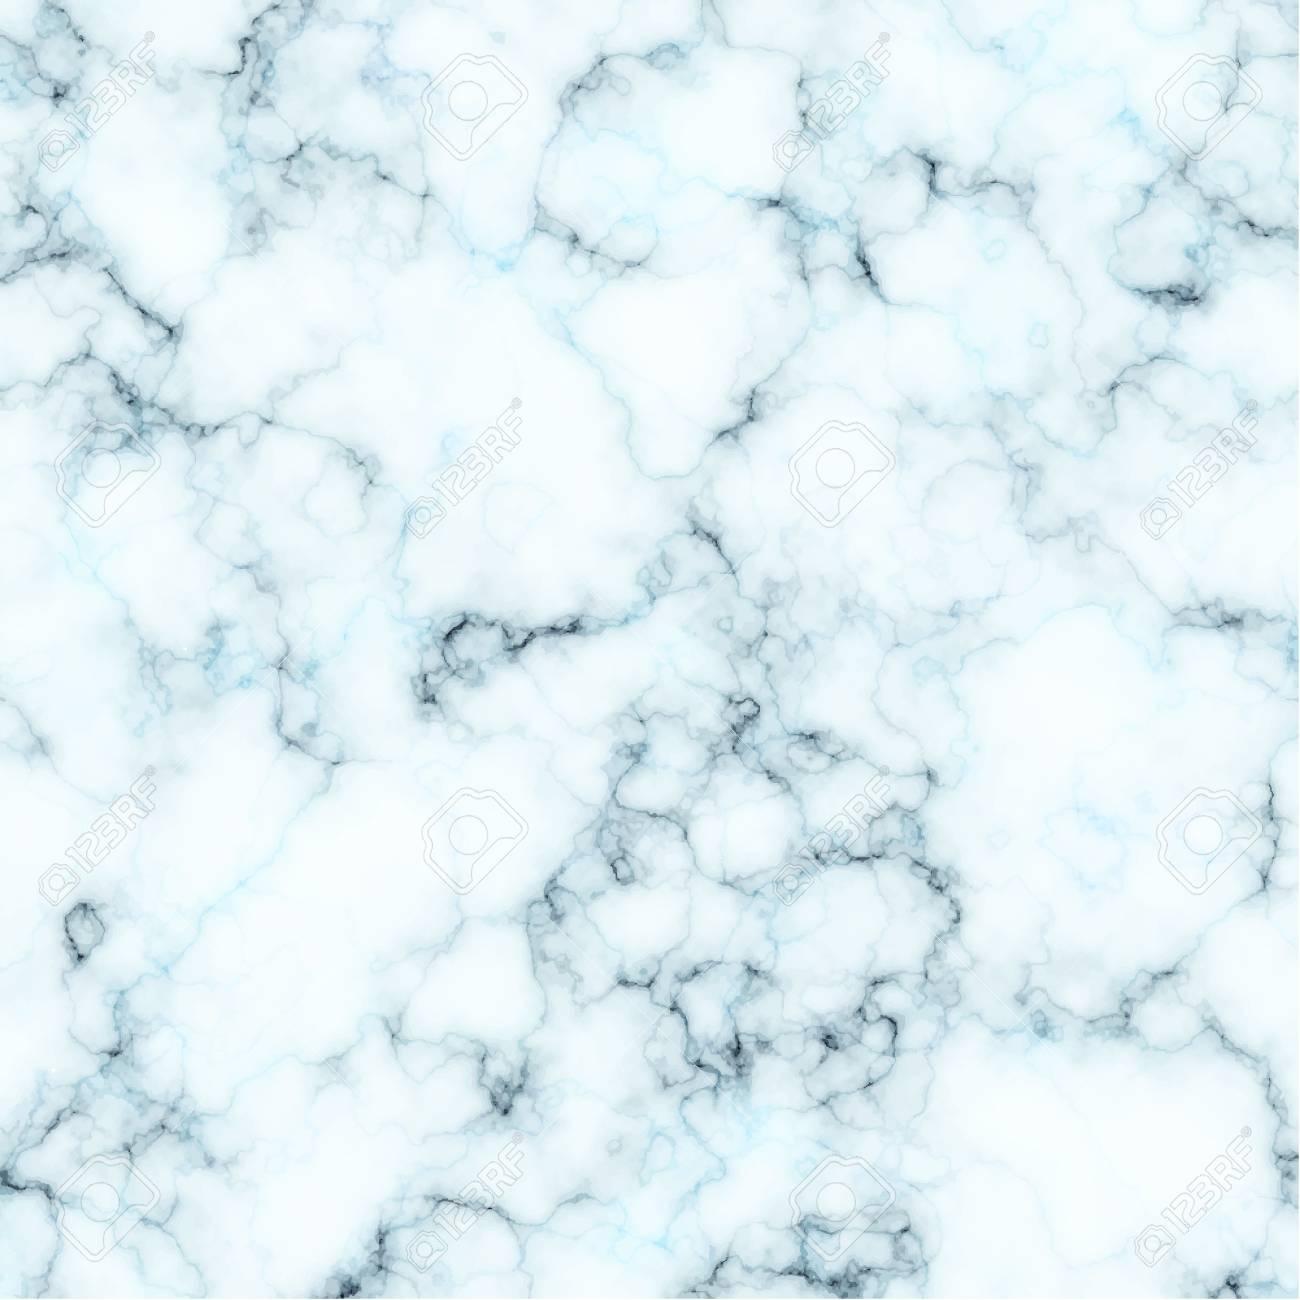 Blanc Et Bleu Texture De Marbre Fond Qui Peut être Utilisé Pour Créer Le Design De Surface Pour Votre Conception De Produits De Présentation